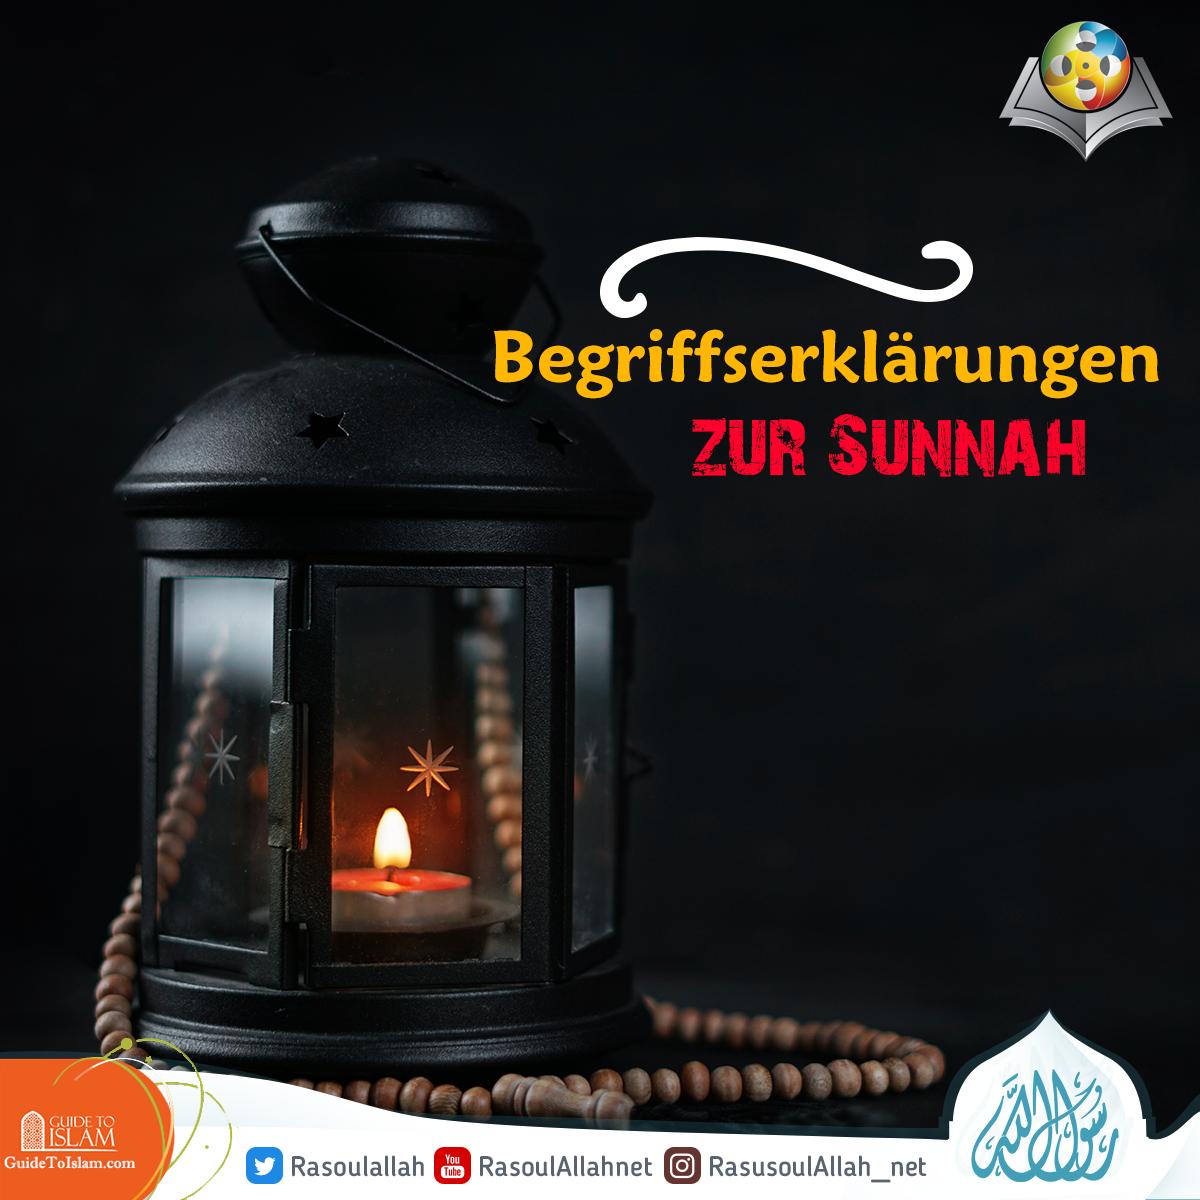 Begriffserklärungen zur Sunnah